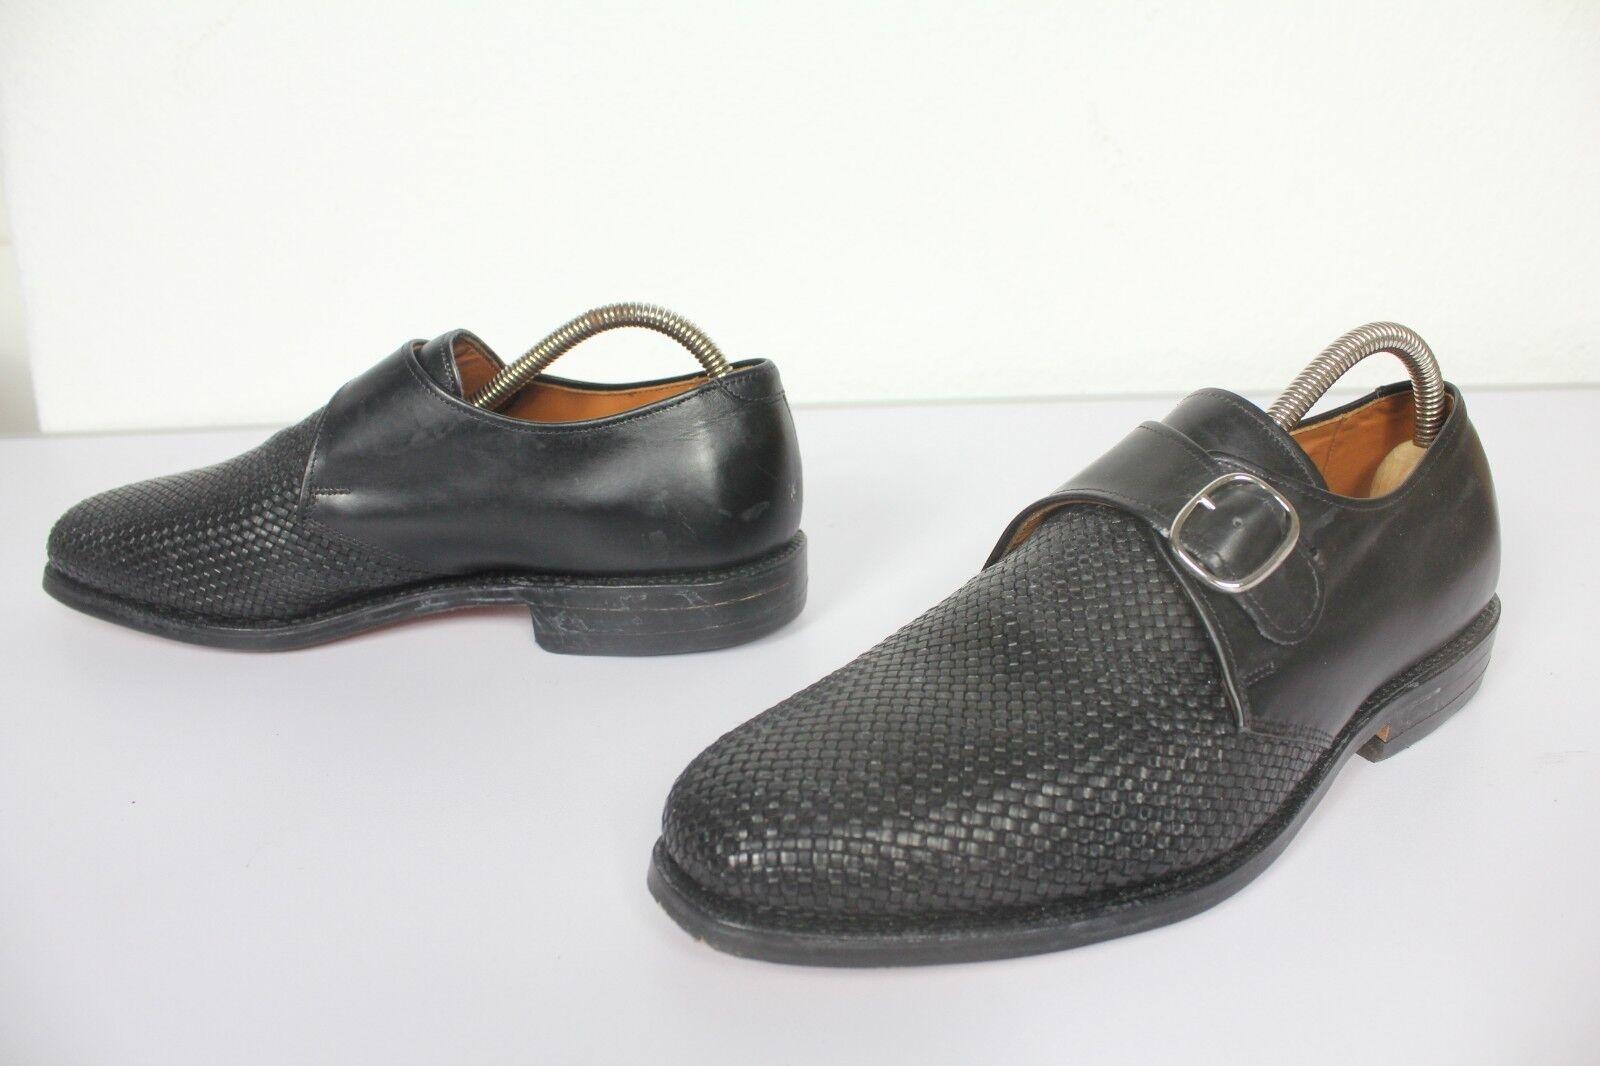 Allen edmonds elegante Monk mocasines zapatos caballero negro us 7, 5-eu 41 -- como nuevo